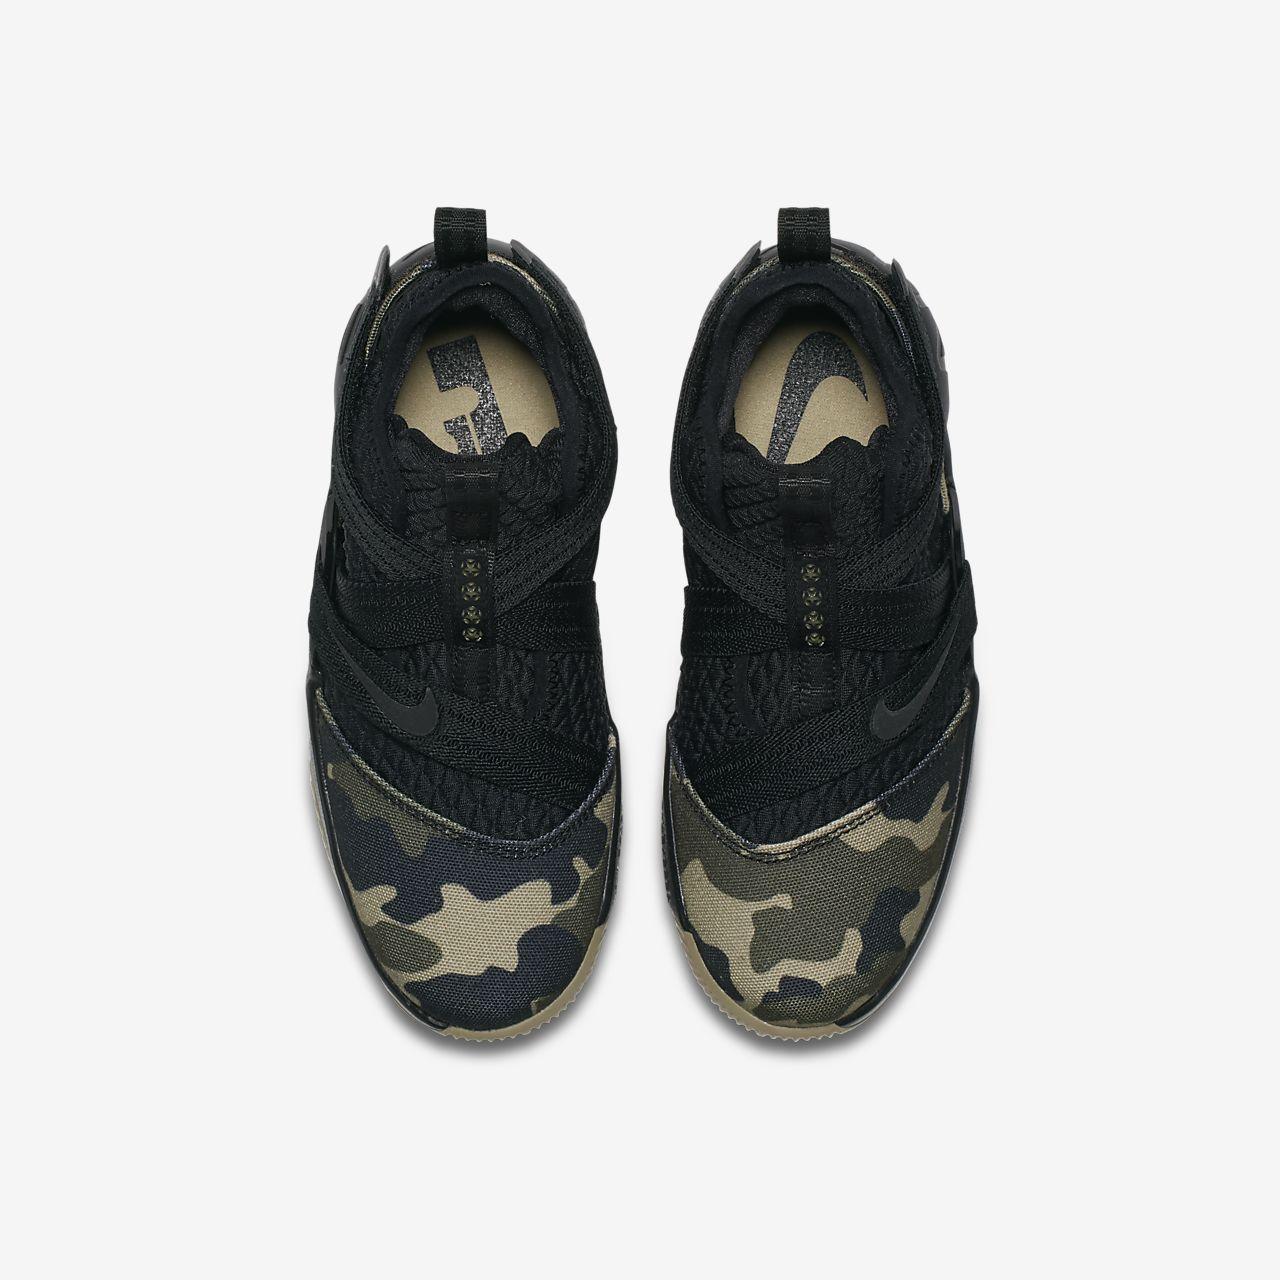 ... LeBron Soldier XII Little Kids Shoe